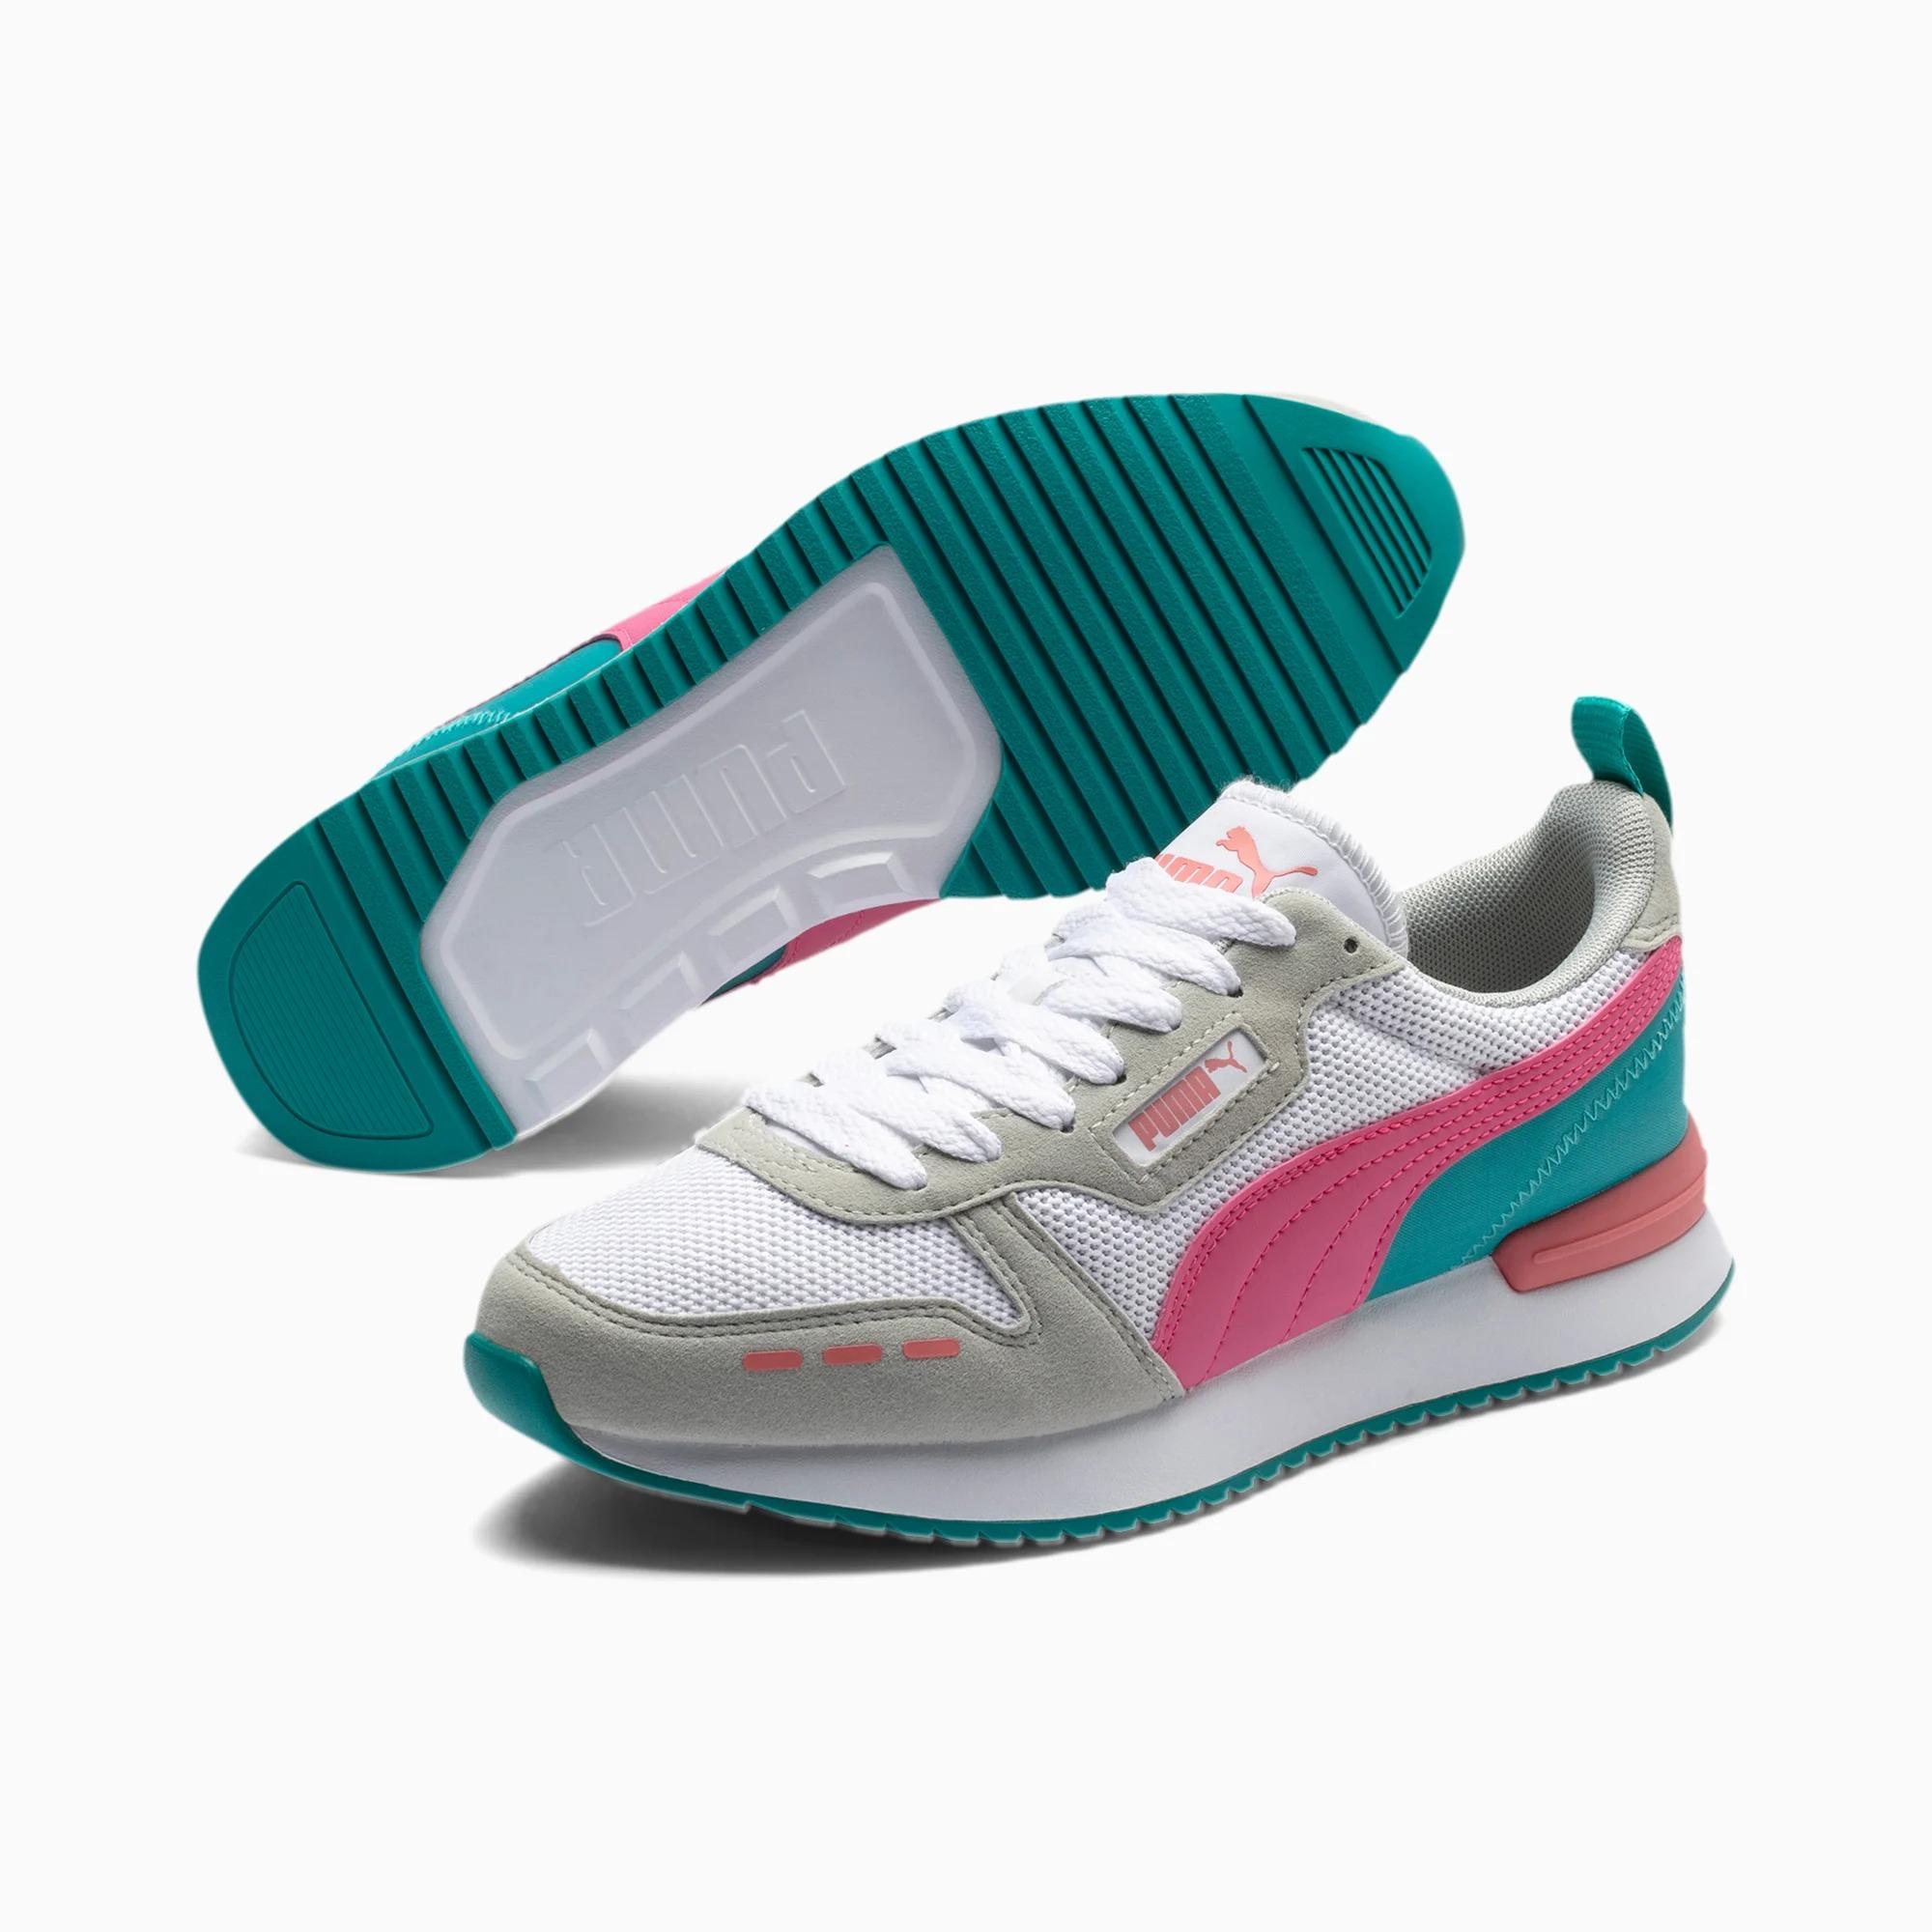 Inspiradas en las Cabana, las nuevas zapatillas R78 reúnen toda la tradición del calzado de running a la perfección.